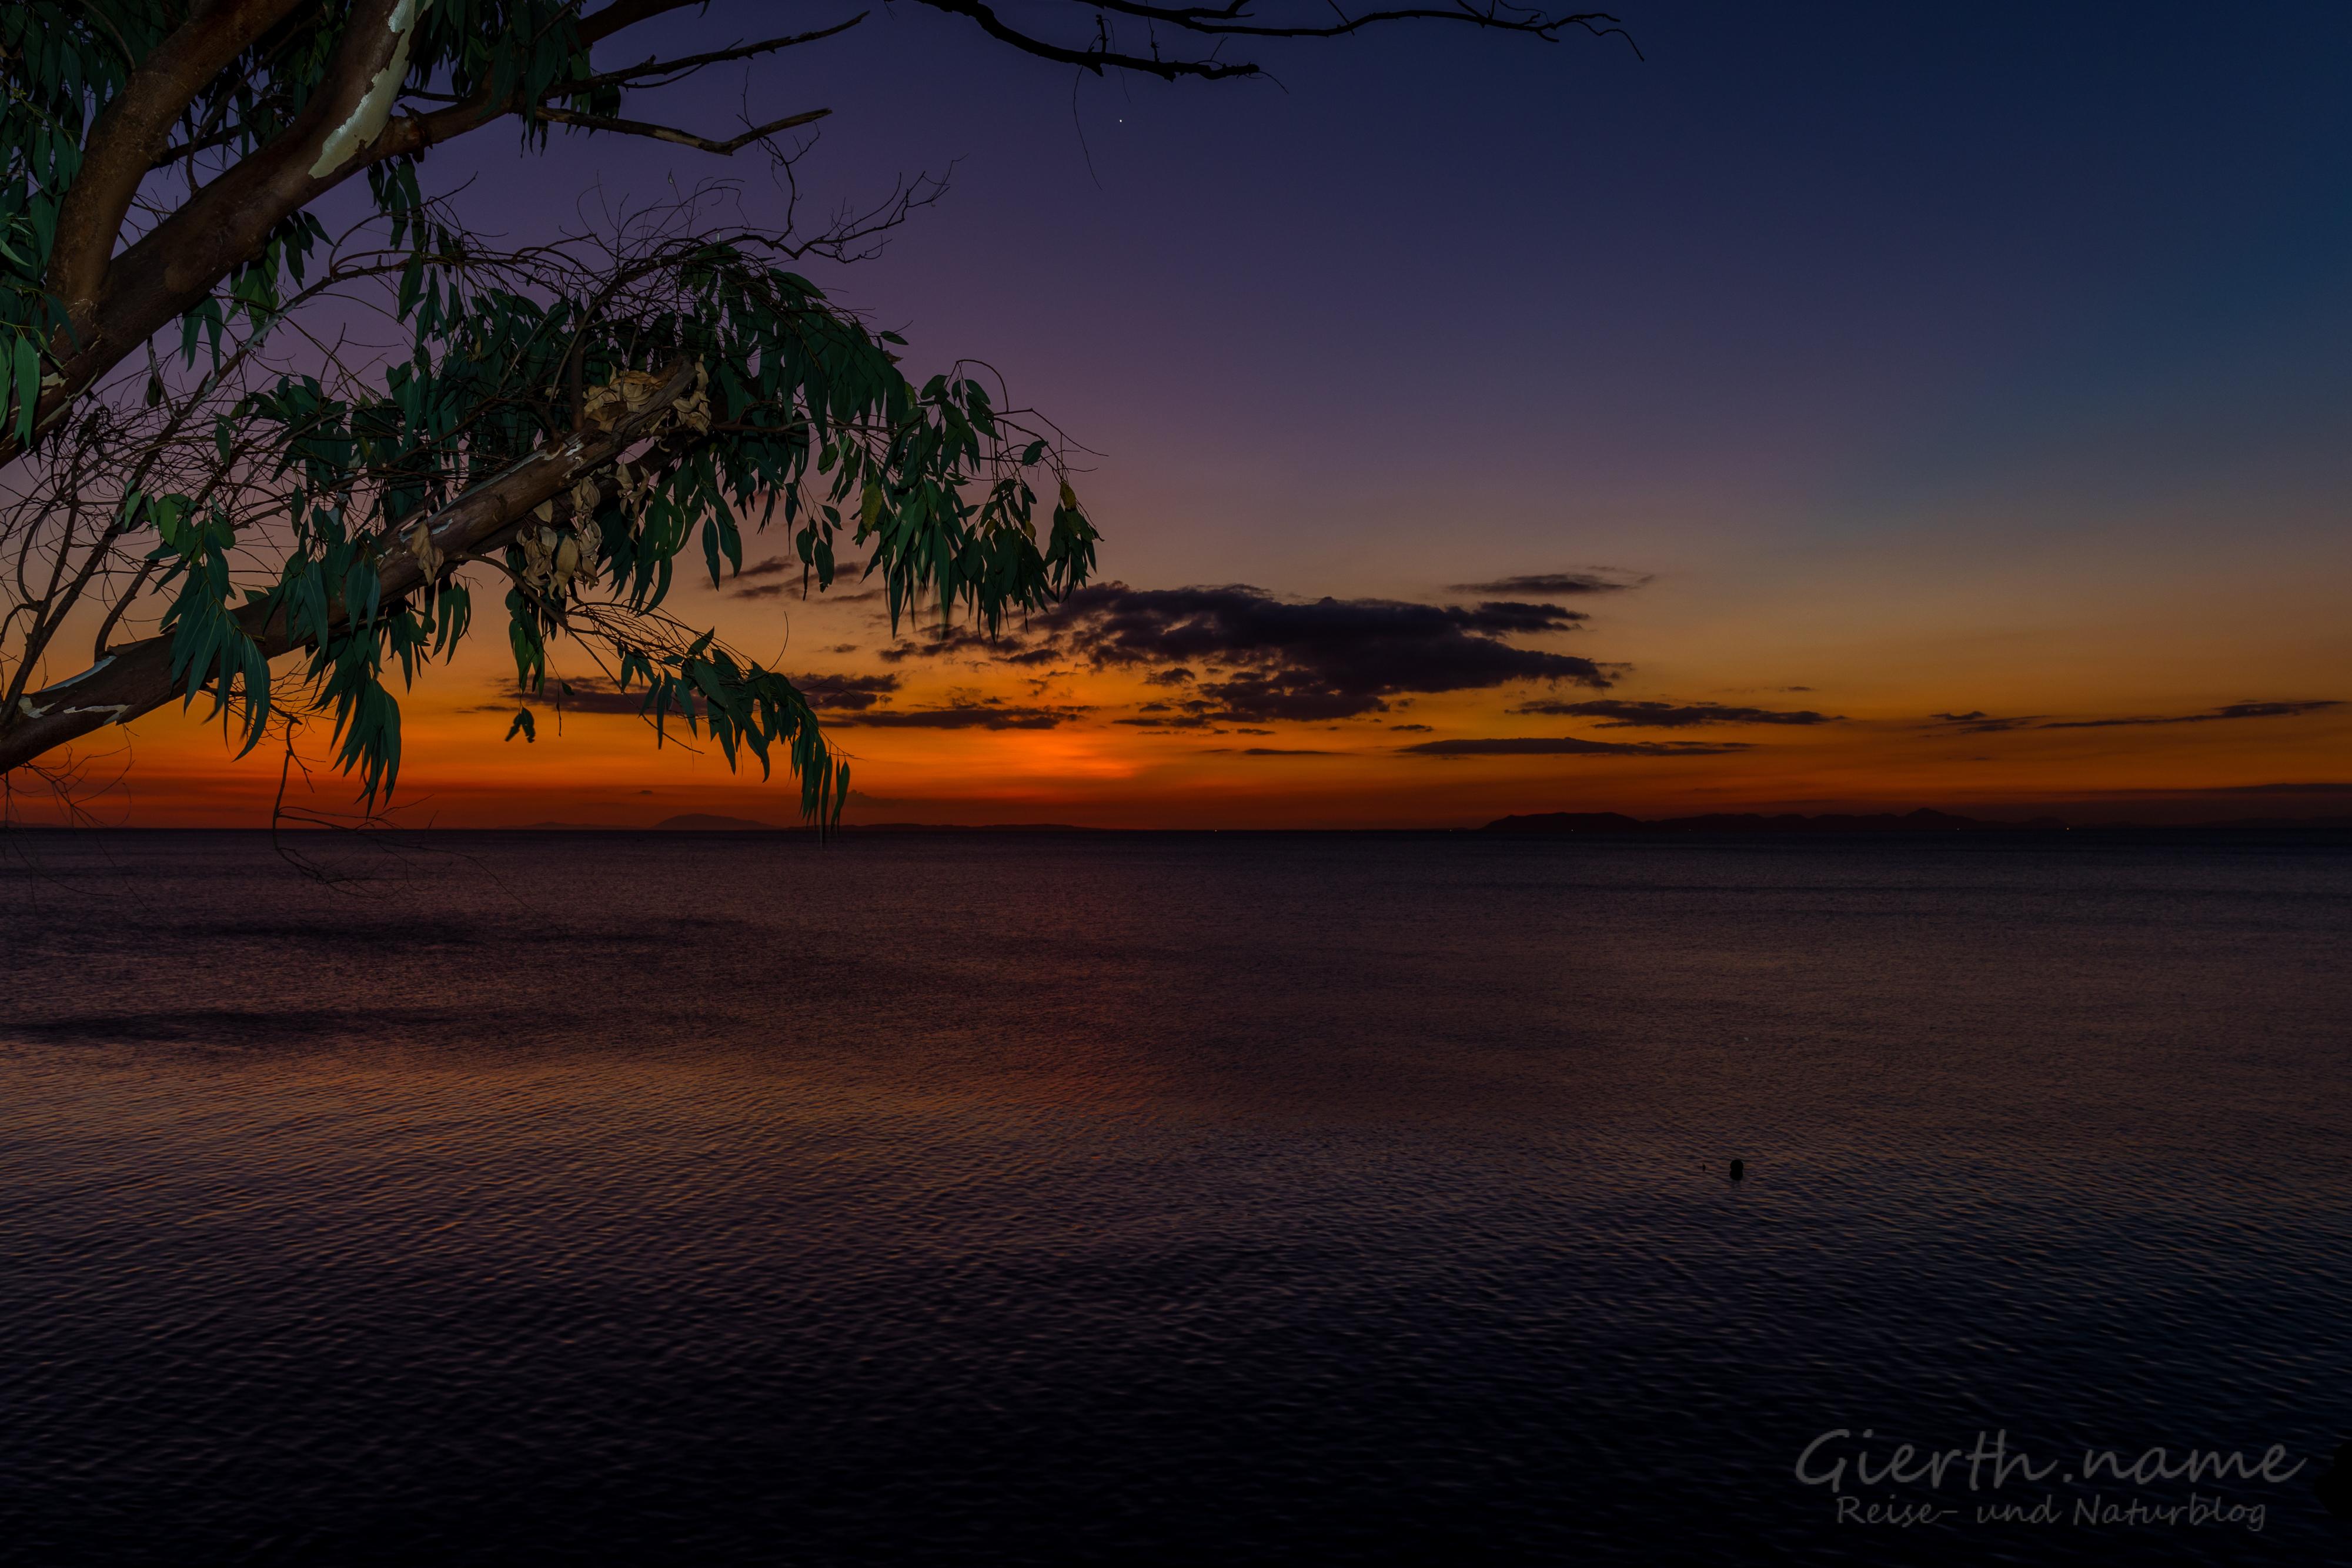 Sonnenuntergang von unsrem Balkon im Club Ocellaris gesehen